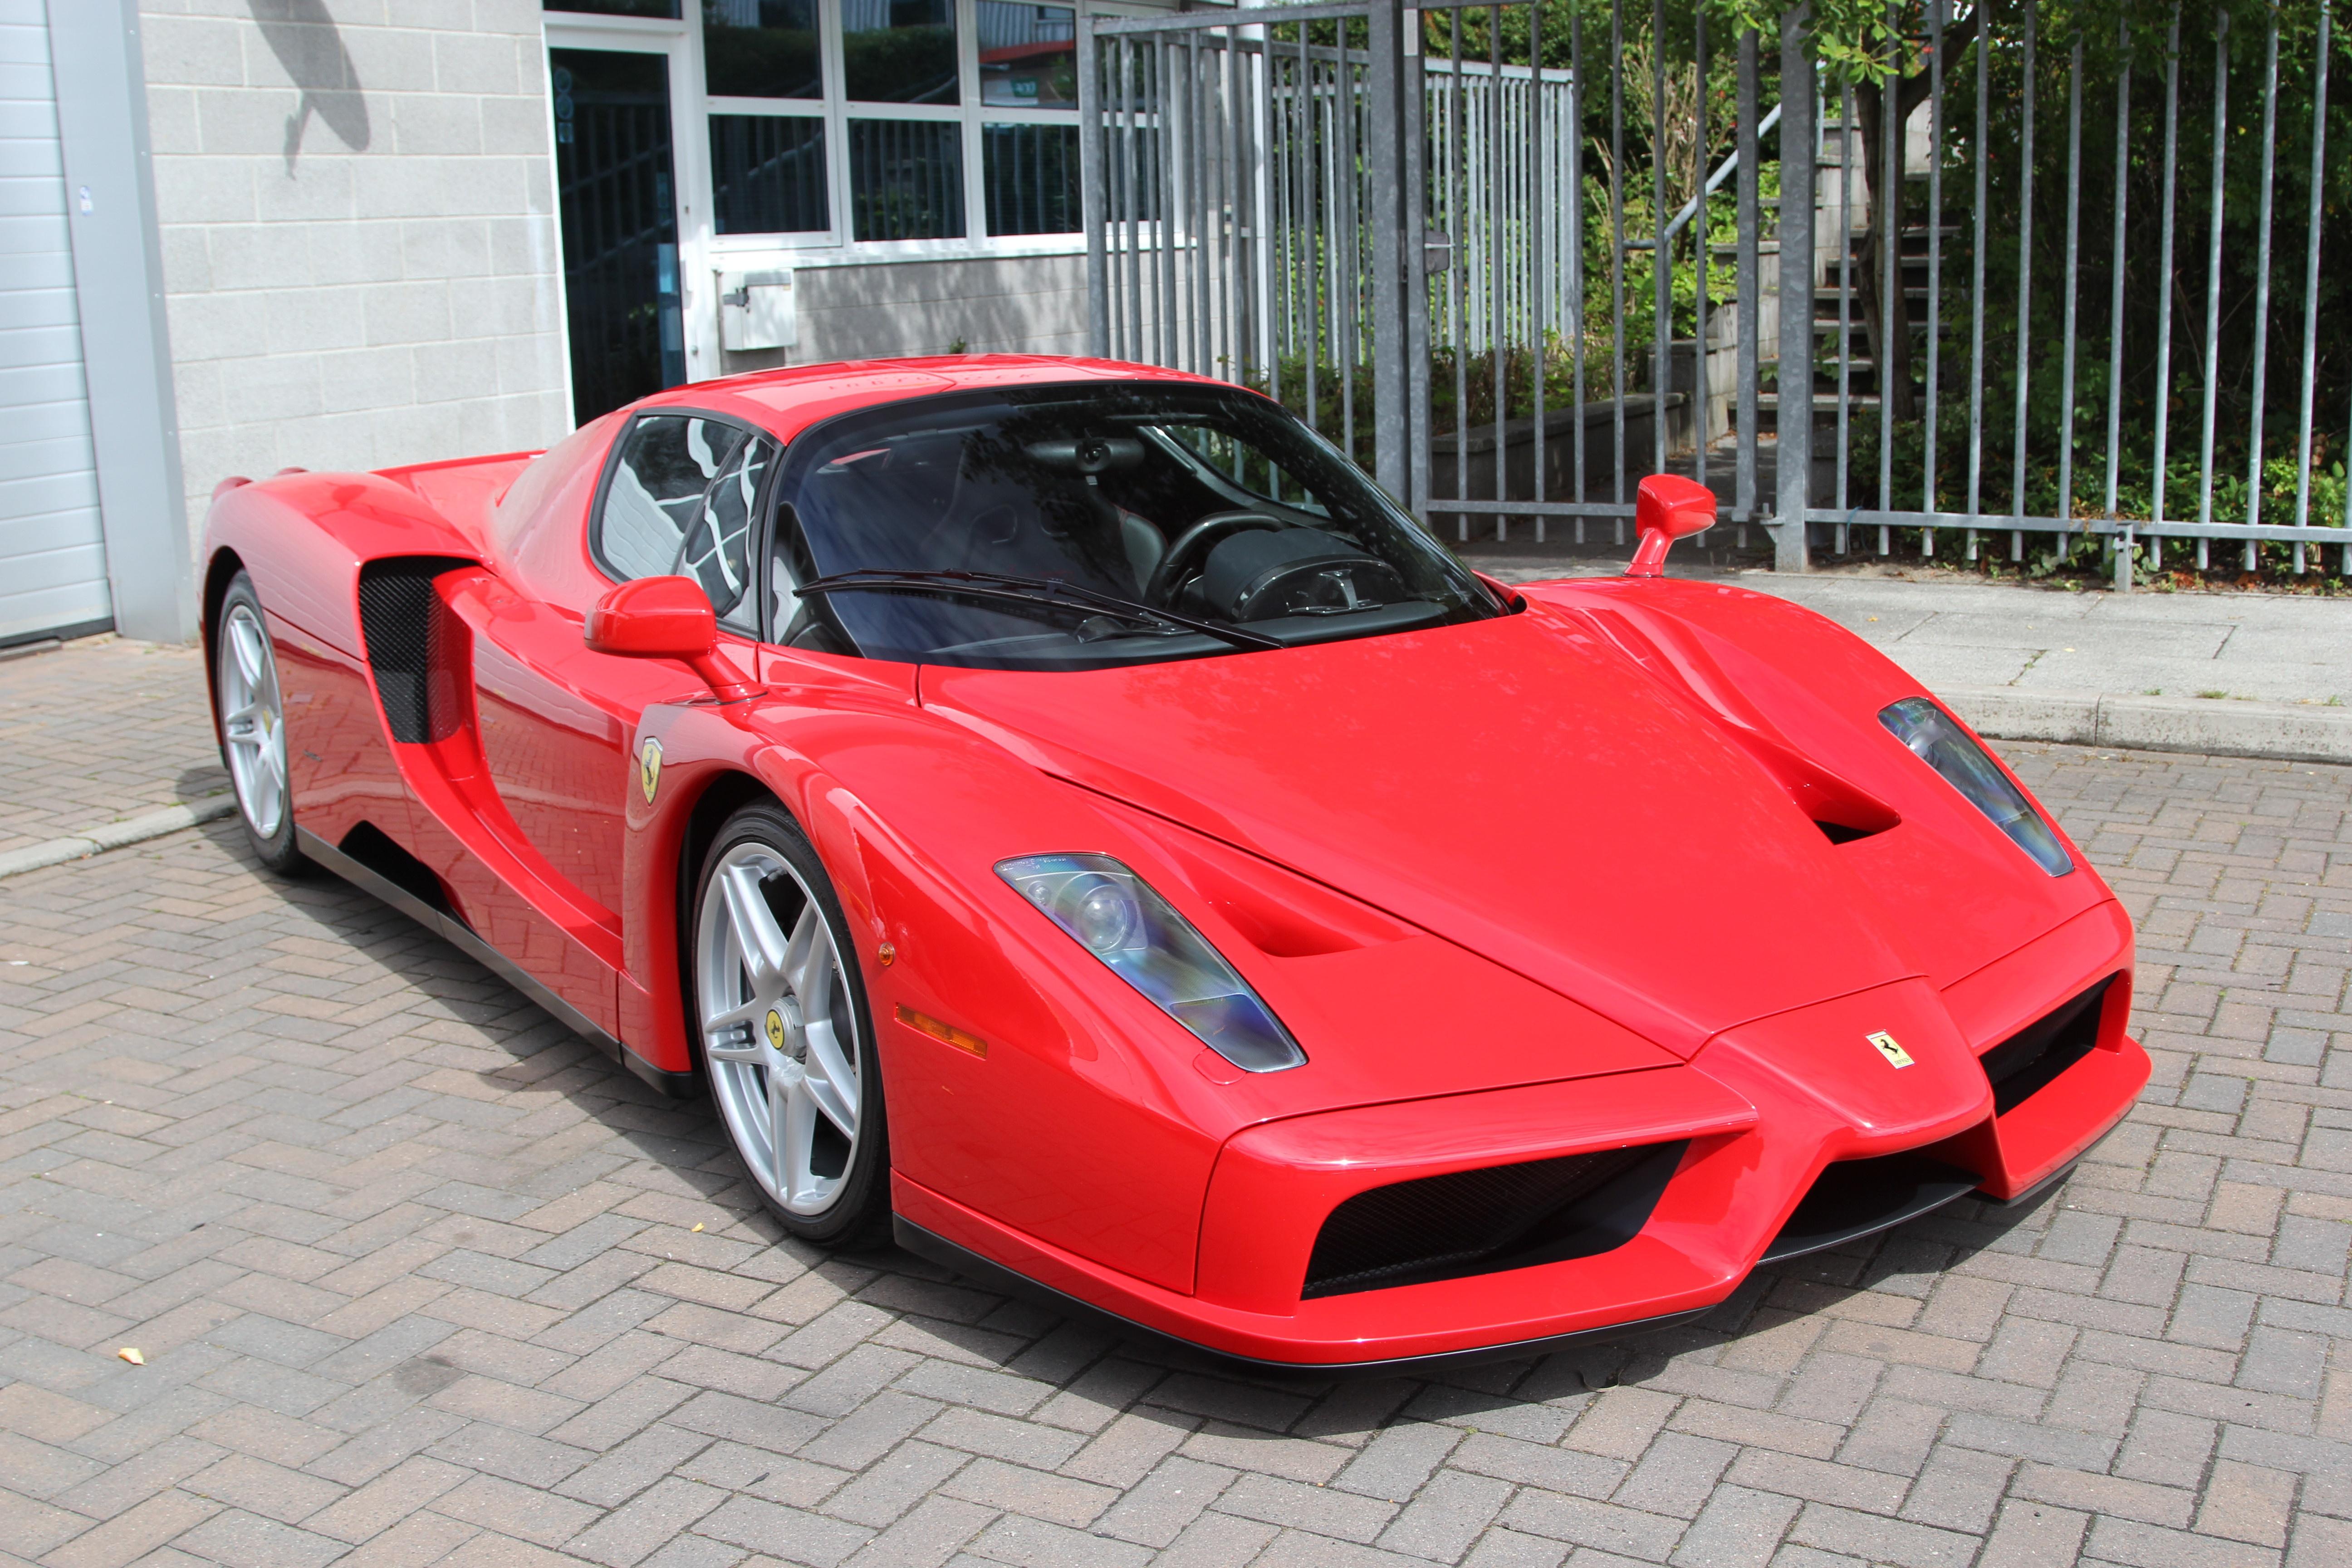 2003 ferrari enzo ferrari - uk car | classic driver market